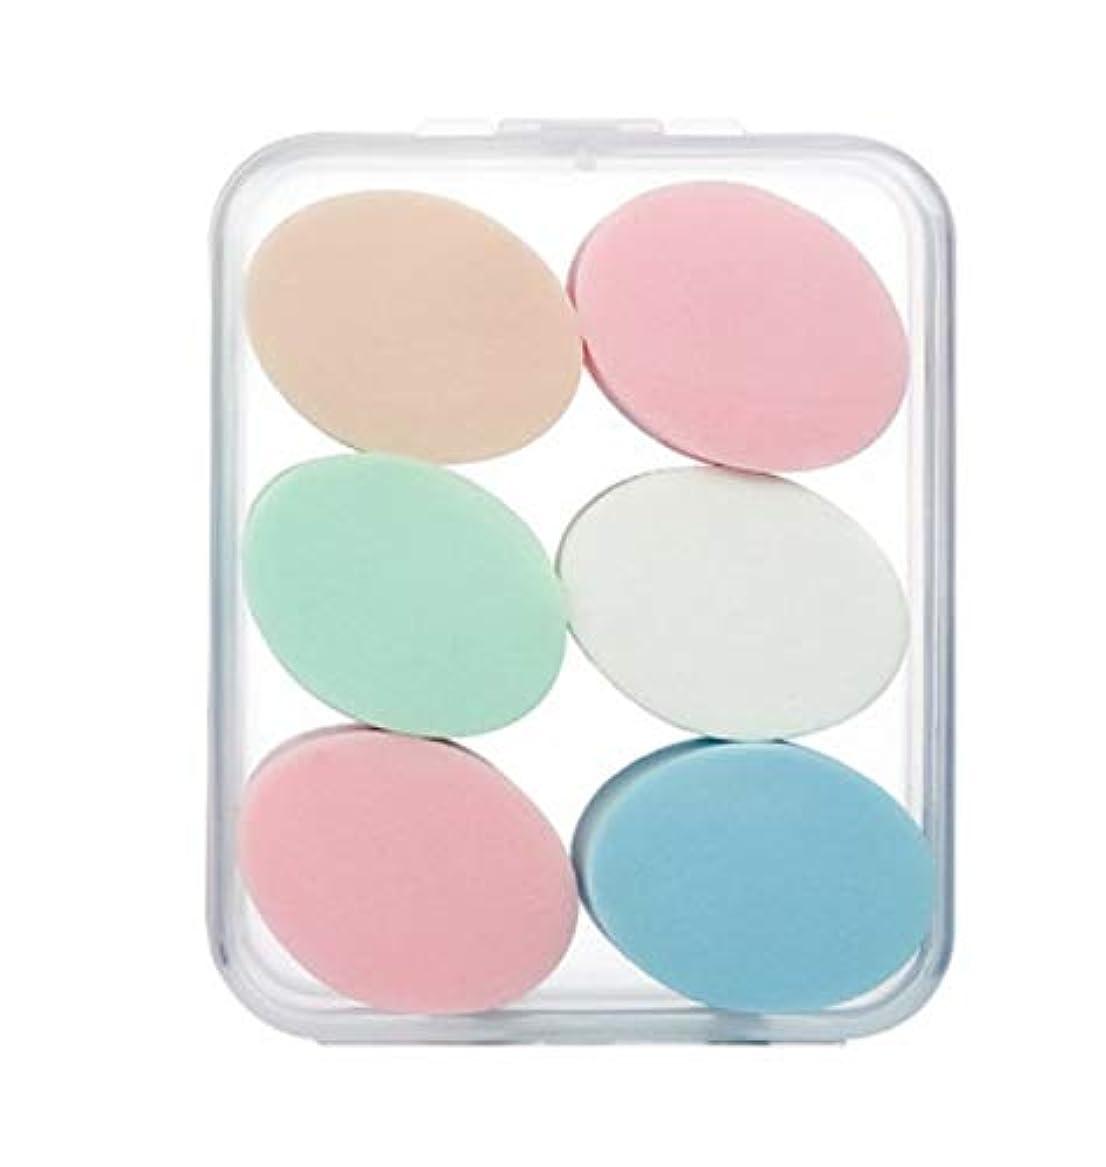 シネウィ土持つ美容スポンジ、収納ボックス付きソフト楕円化粧スポンジ美容メイク卵6パック